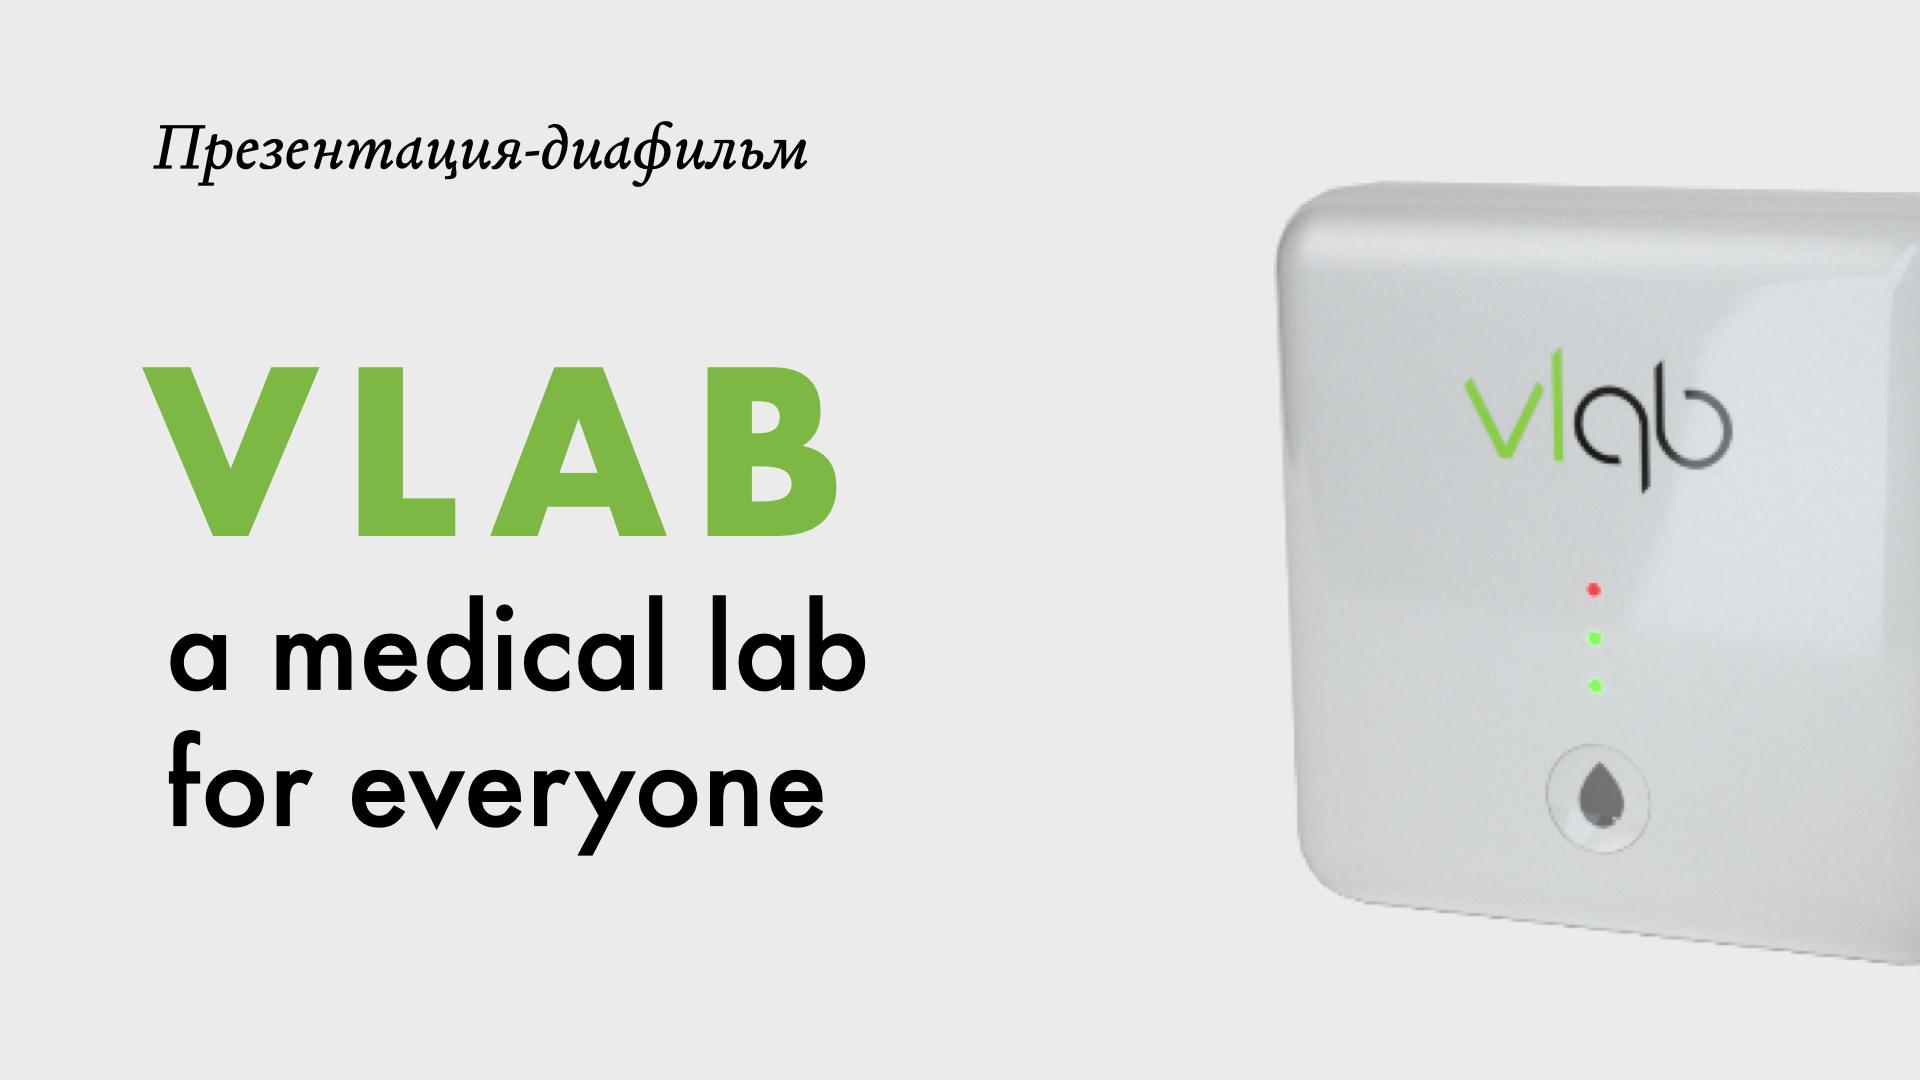 Кейс «Подготовка pitch-deck презентации для проекта VLab»